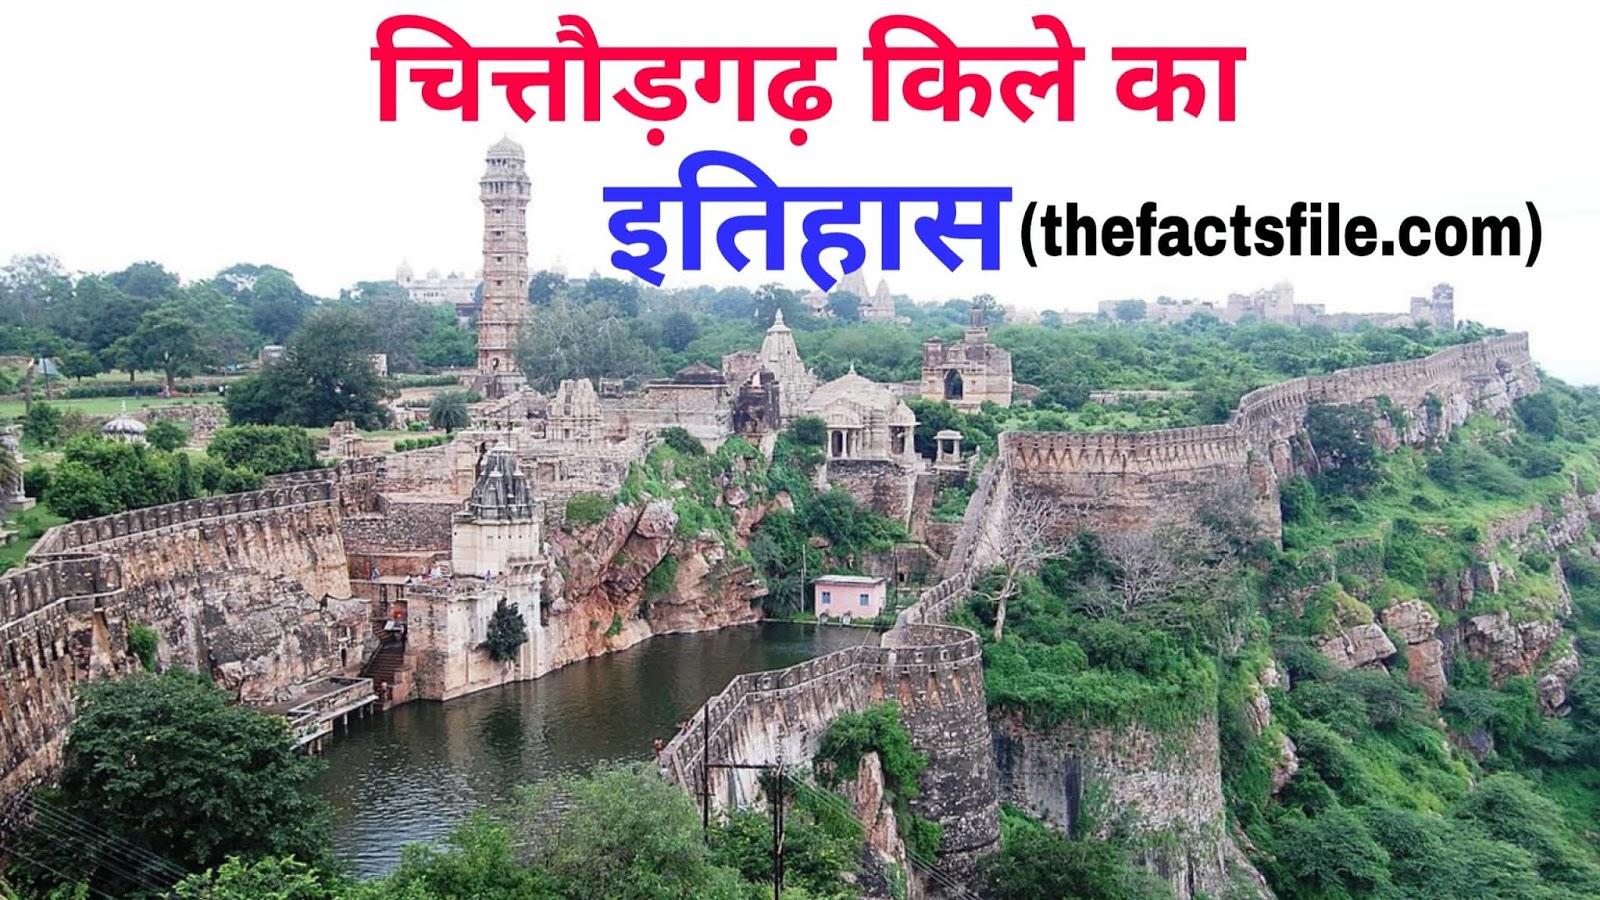 चित्तौड़गढ़ किले का इतिहास और रोचक तथ्य,Information about Chittorgarh fort in Hindi,भारत का सबसे विशाल किला : चित्तौड़गढ़, History of Chittorgarh fort in Hindi